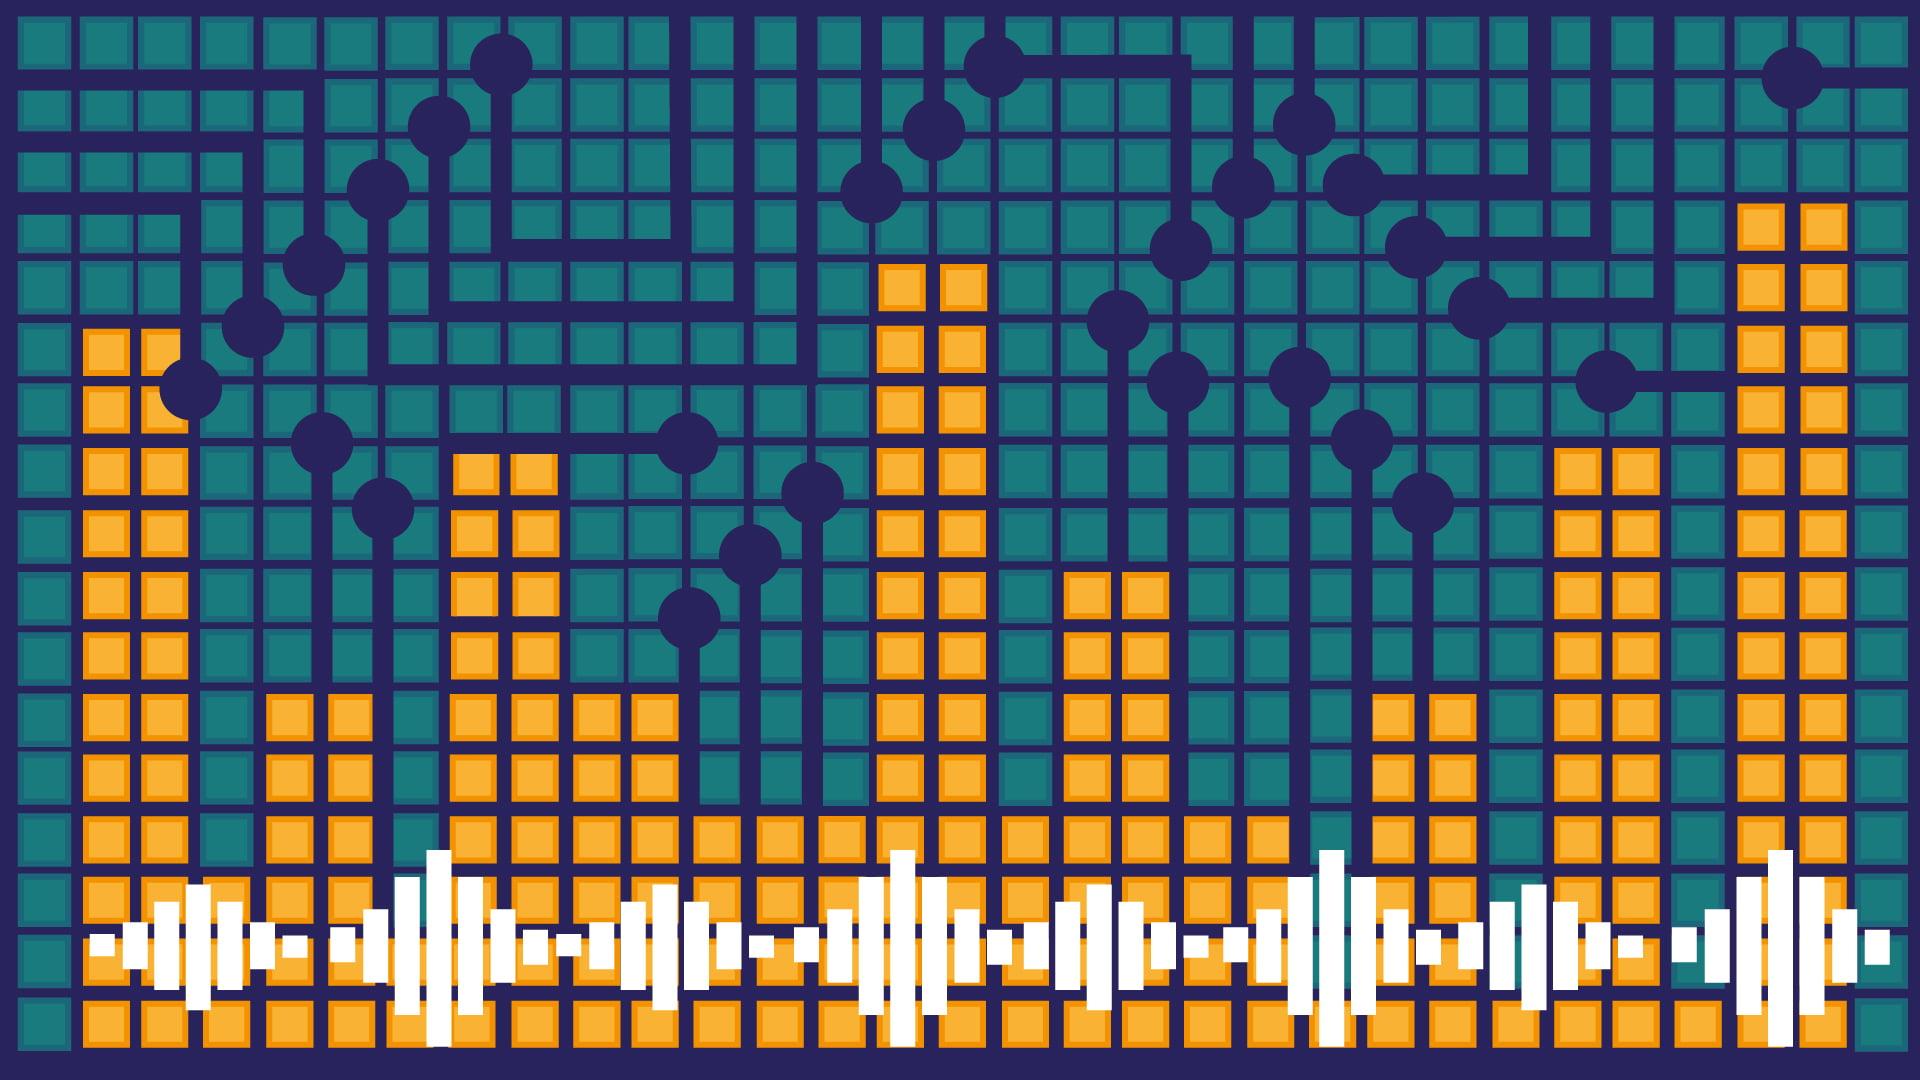 Grafika przedstawia symbol fali dźwiękowej na tle różnej wysokości słupków, symbolizujących miejski pejzaż z wieżowcami